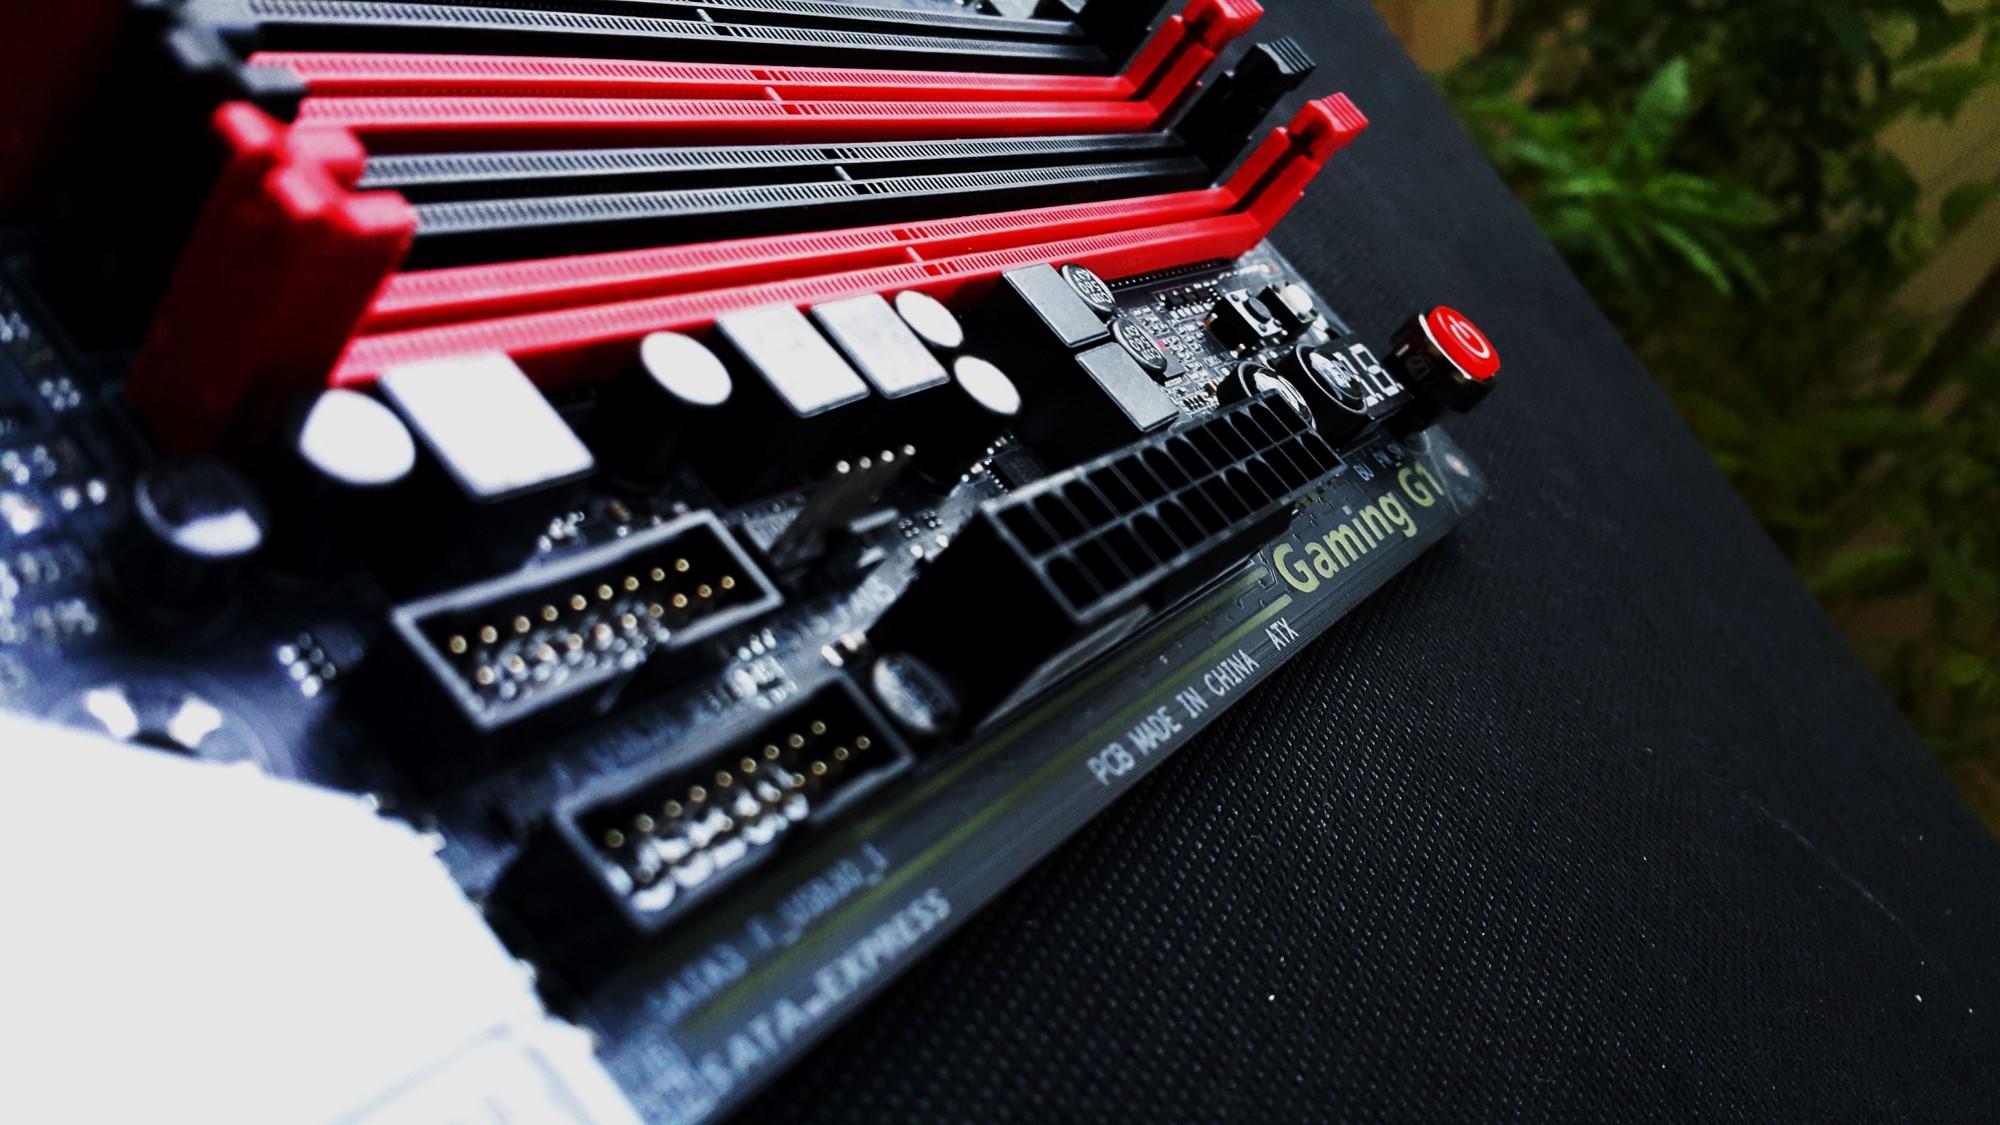 Gigabyte Z170X Gaming G1 RGB Front